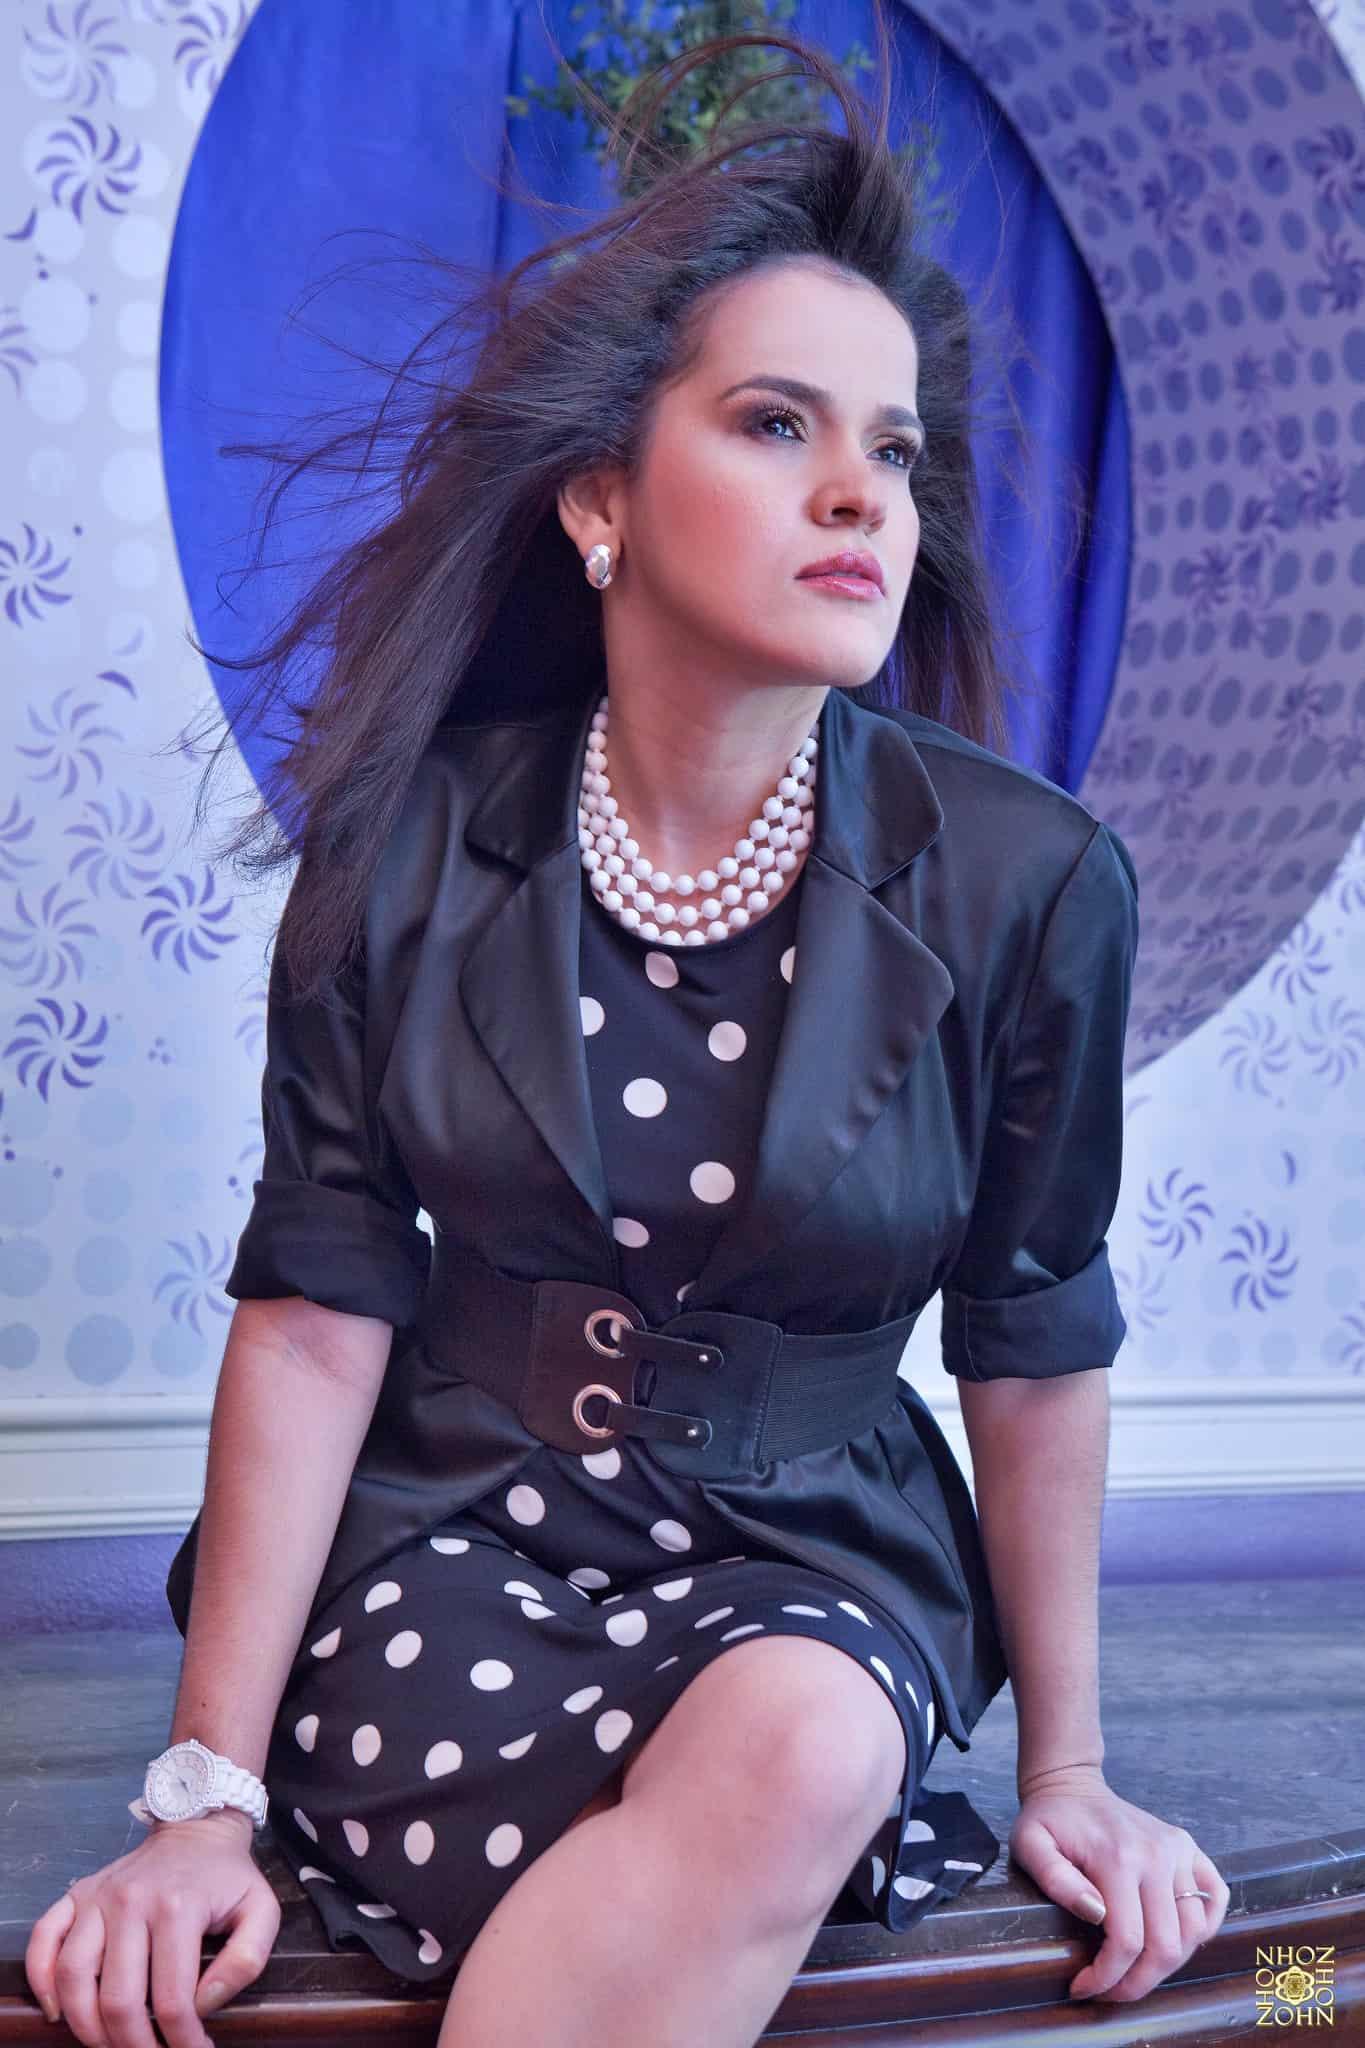 Olga Maria Czarkowski - Photo by Zohn Yancy